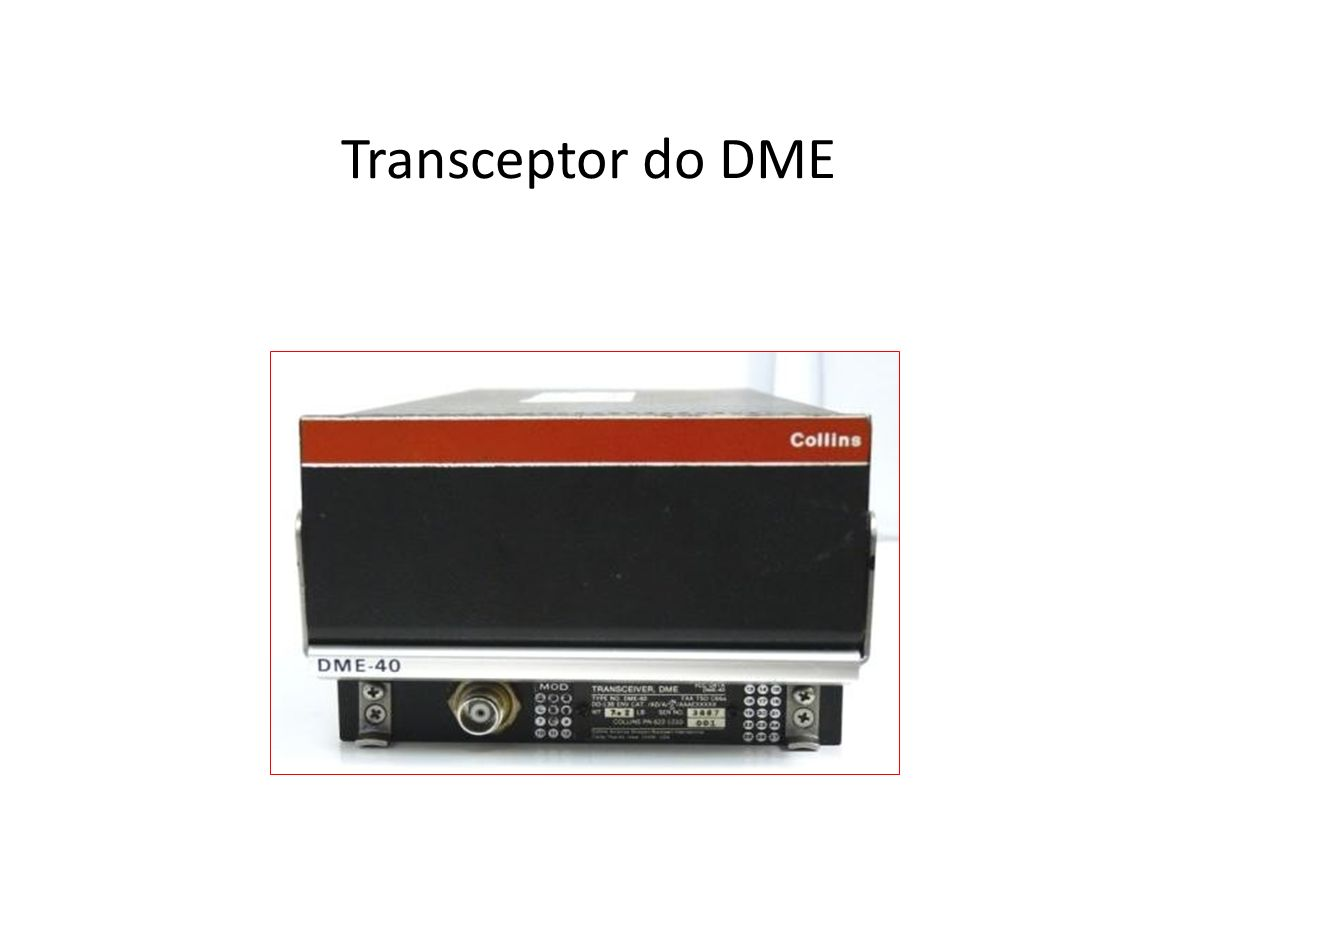 Transceptor do DME